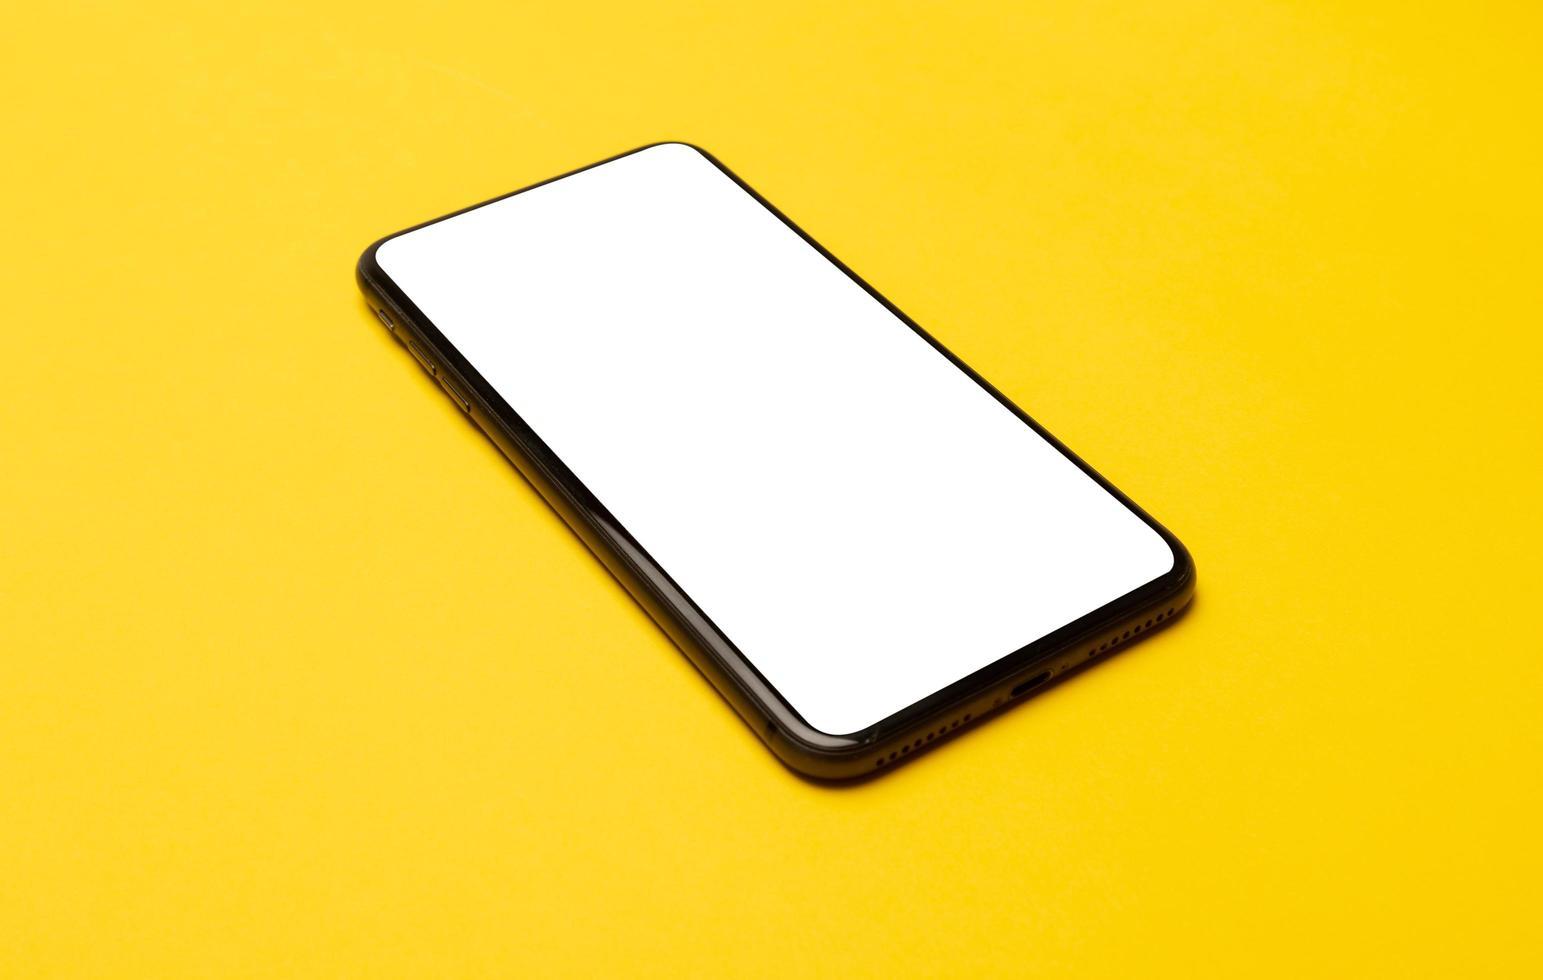 téléphone intelligent sur fond jaune photo